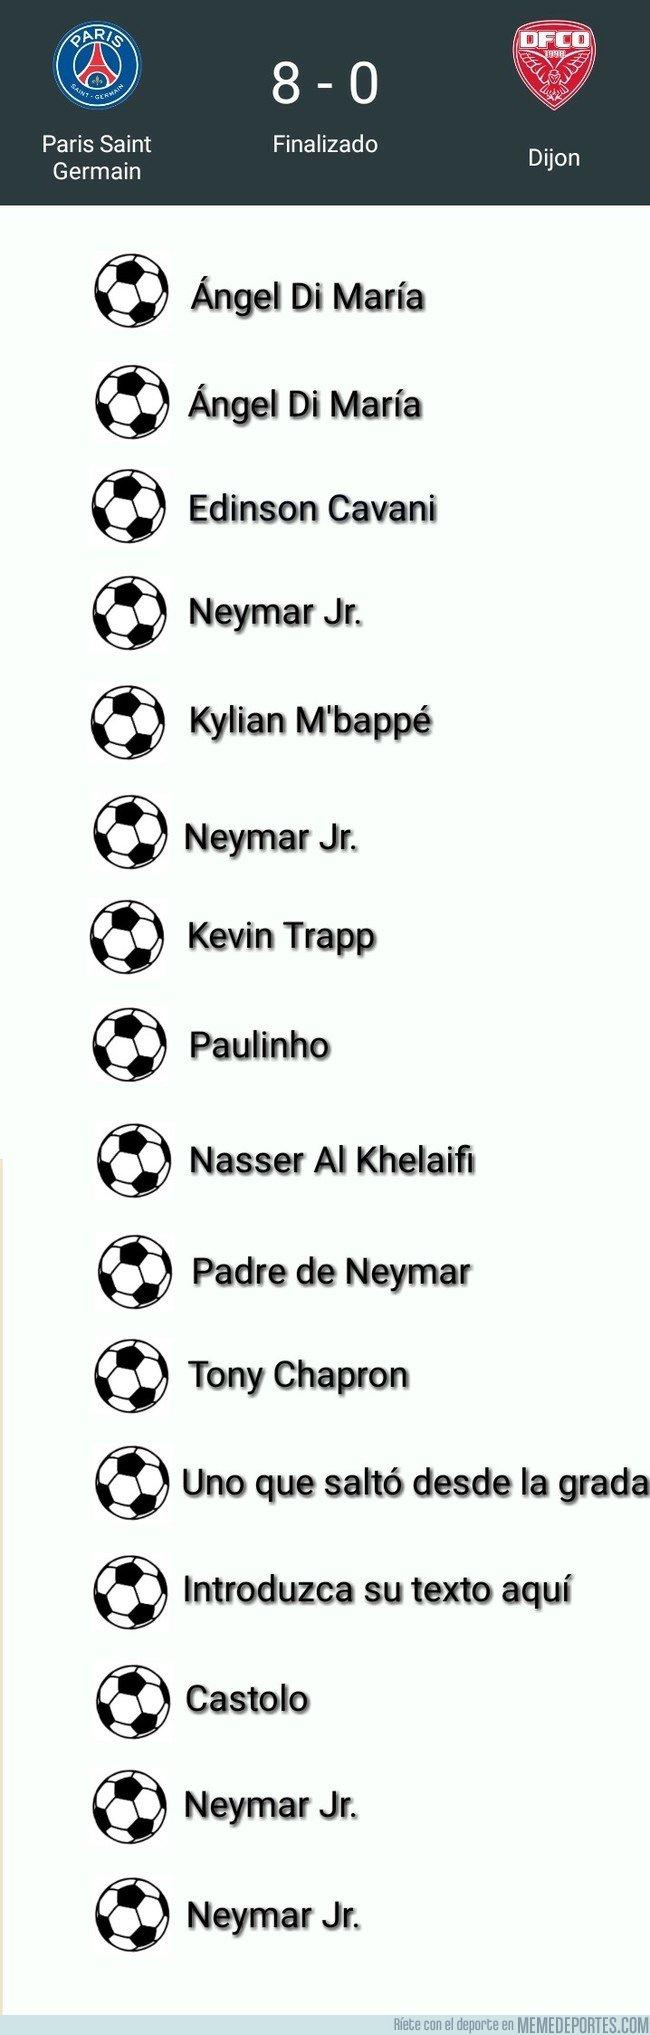 1017050 - Cuando repasas los goleadores del partido del PSG